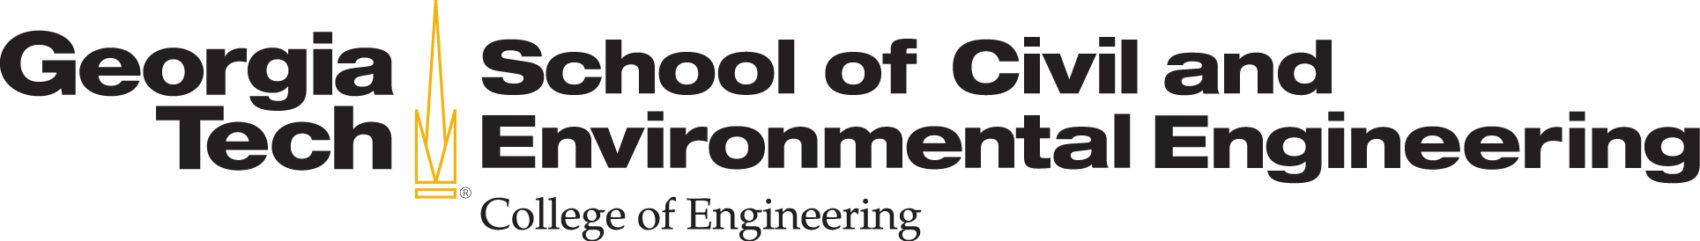 School-of-Civil-Environmental-Engineering-solid-black+124-CoEtag